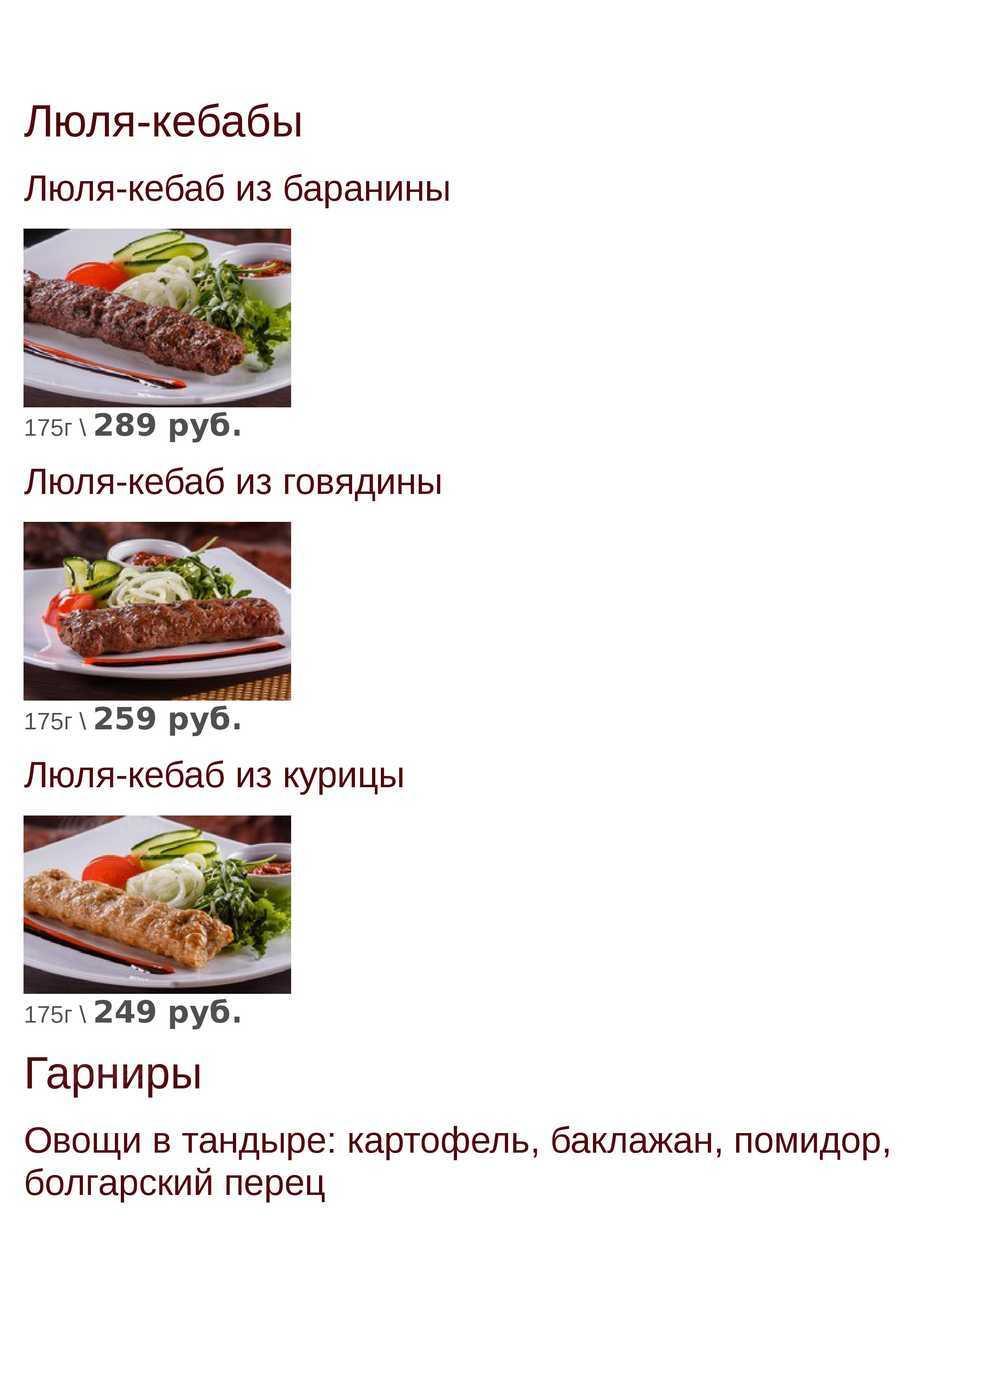 Меню кафе Ермак на проспекте имени газеты Красноярский Рабочий фото 22